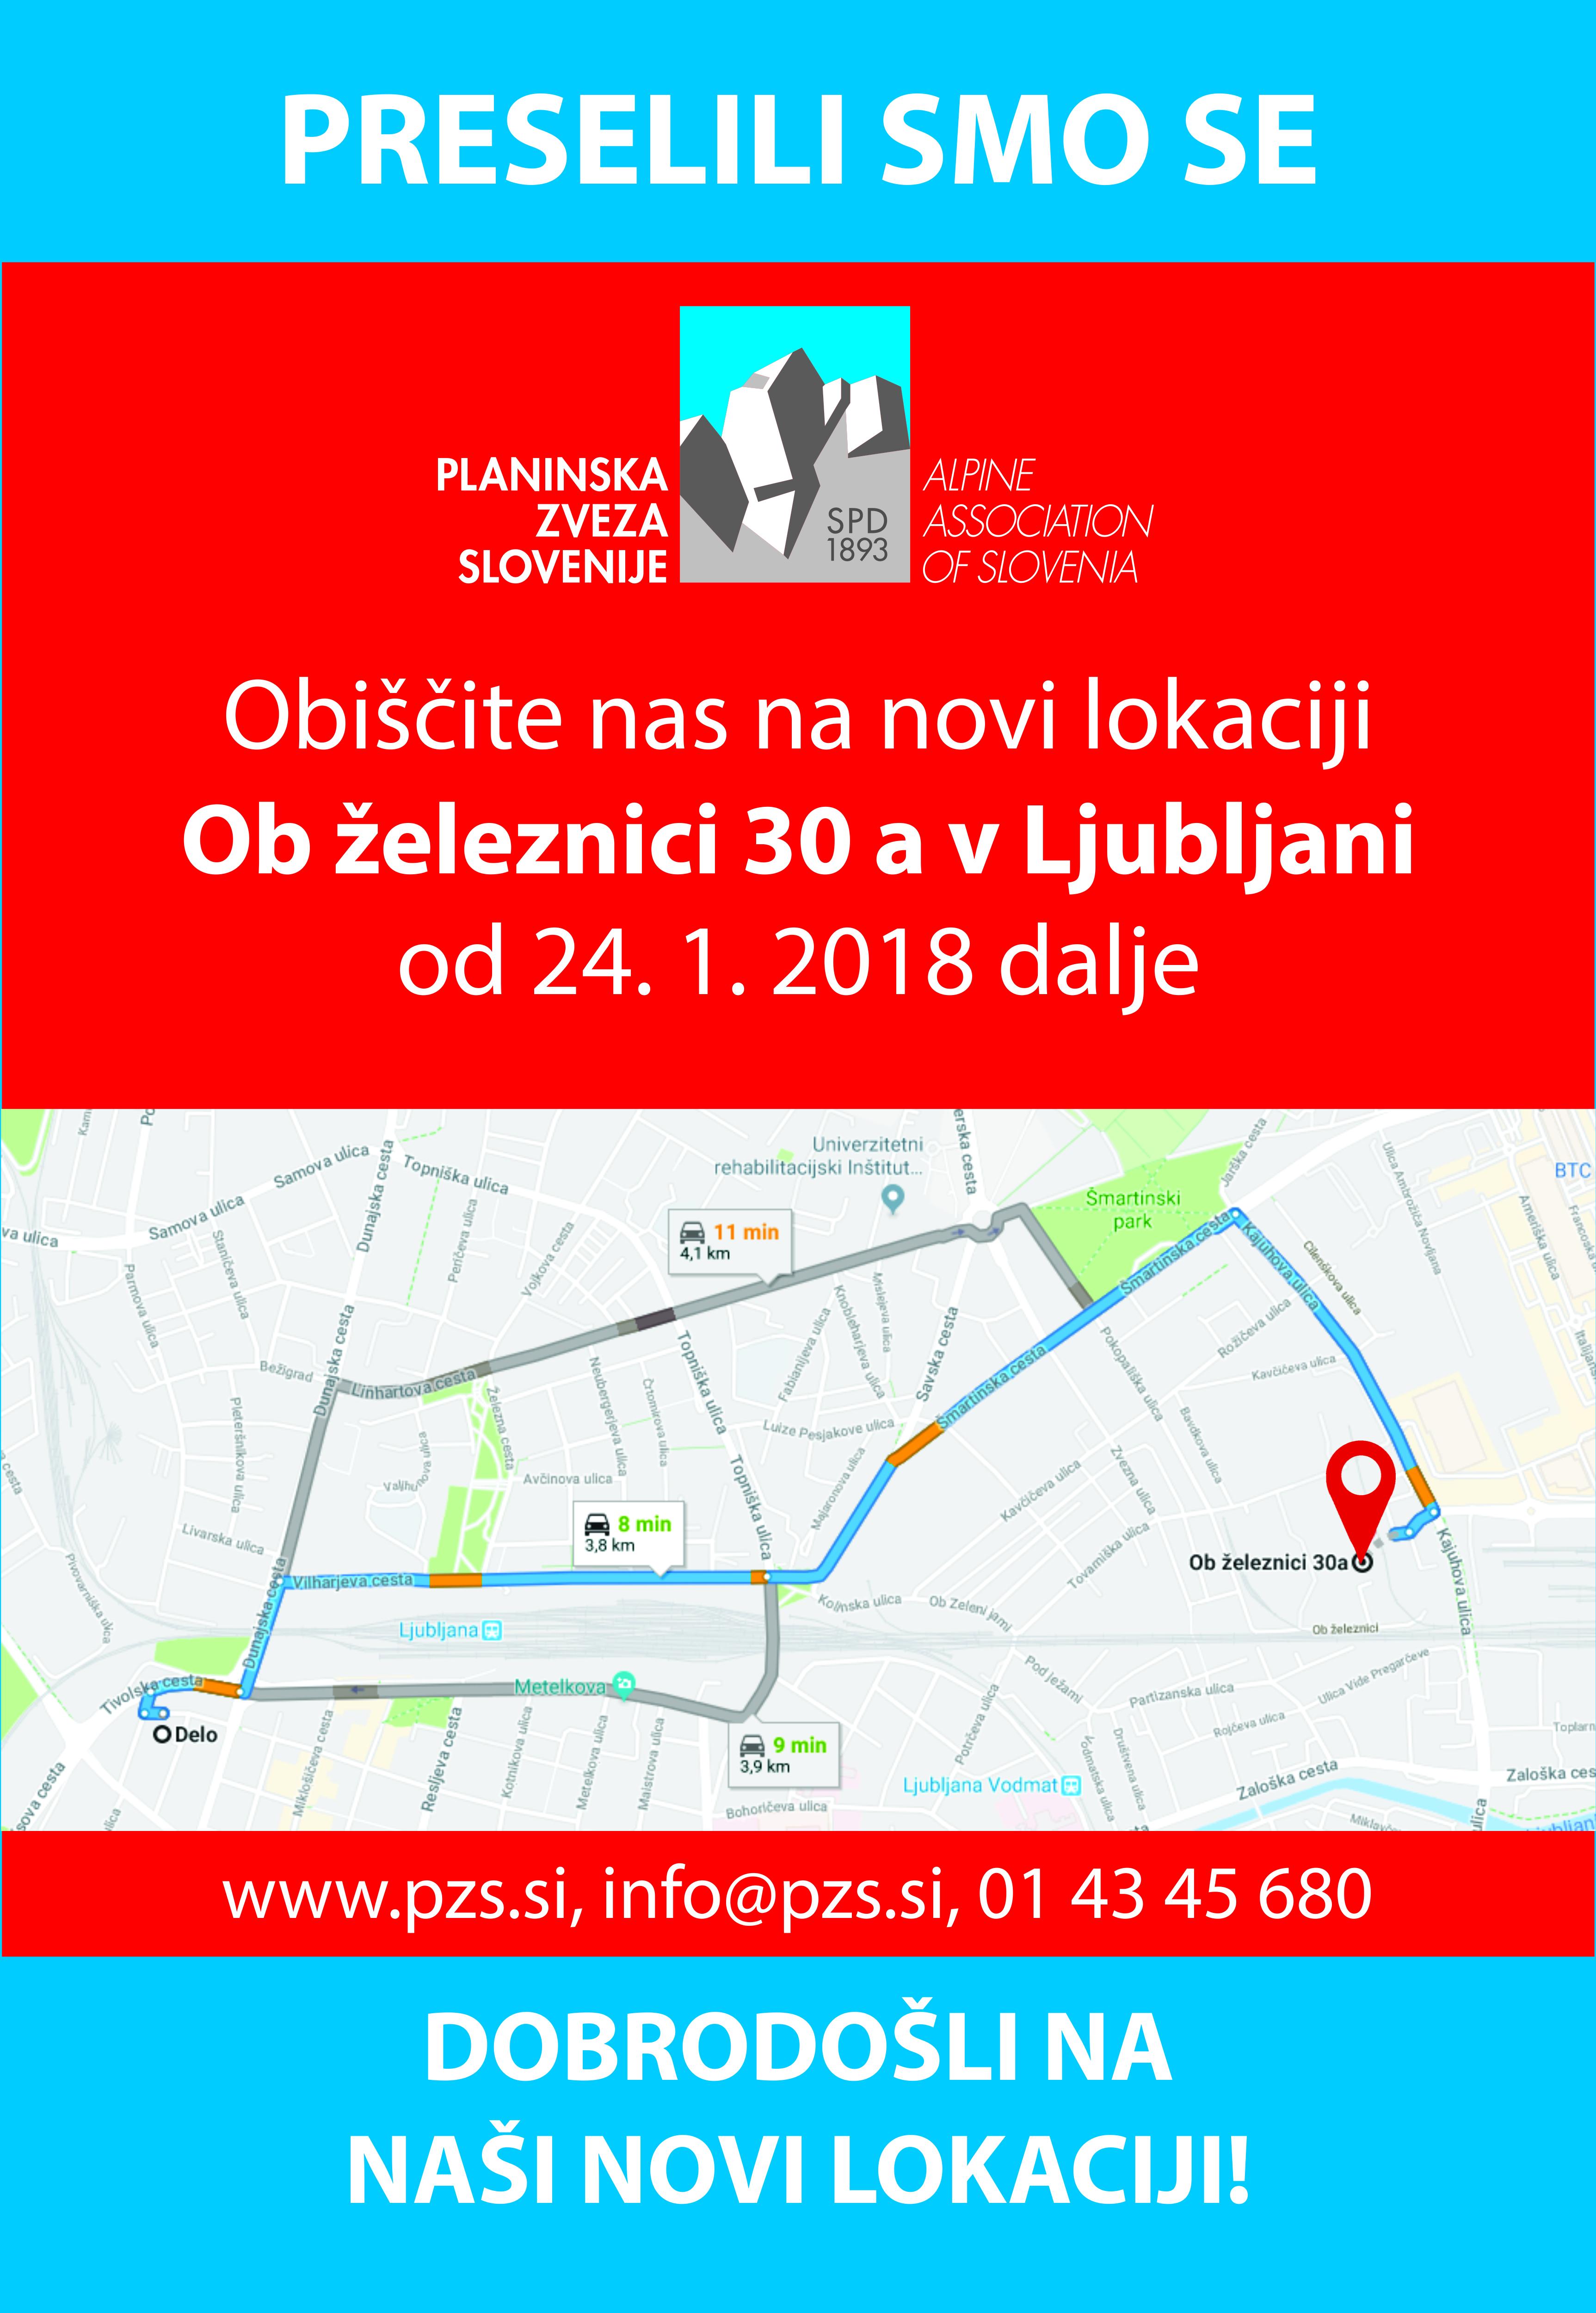 pzs-ob_zeleznici_30a-plakat